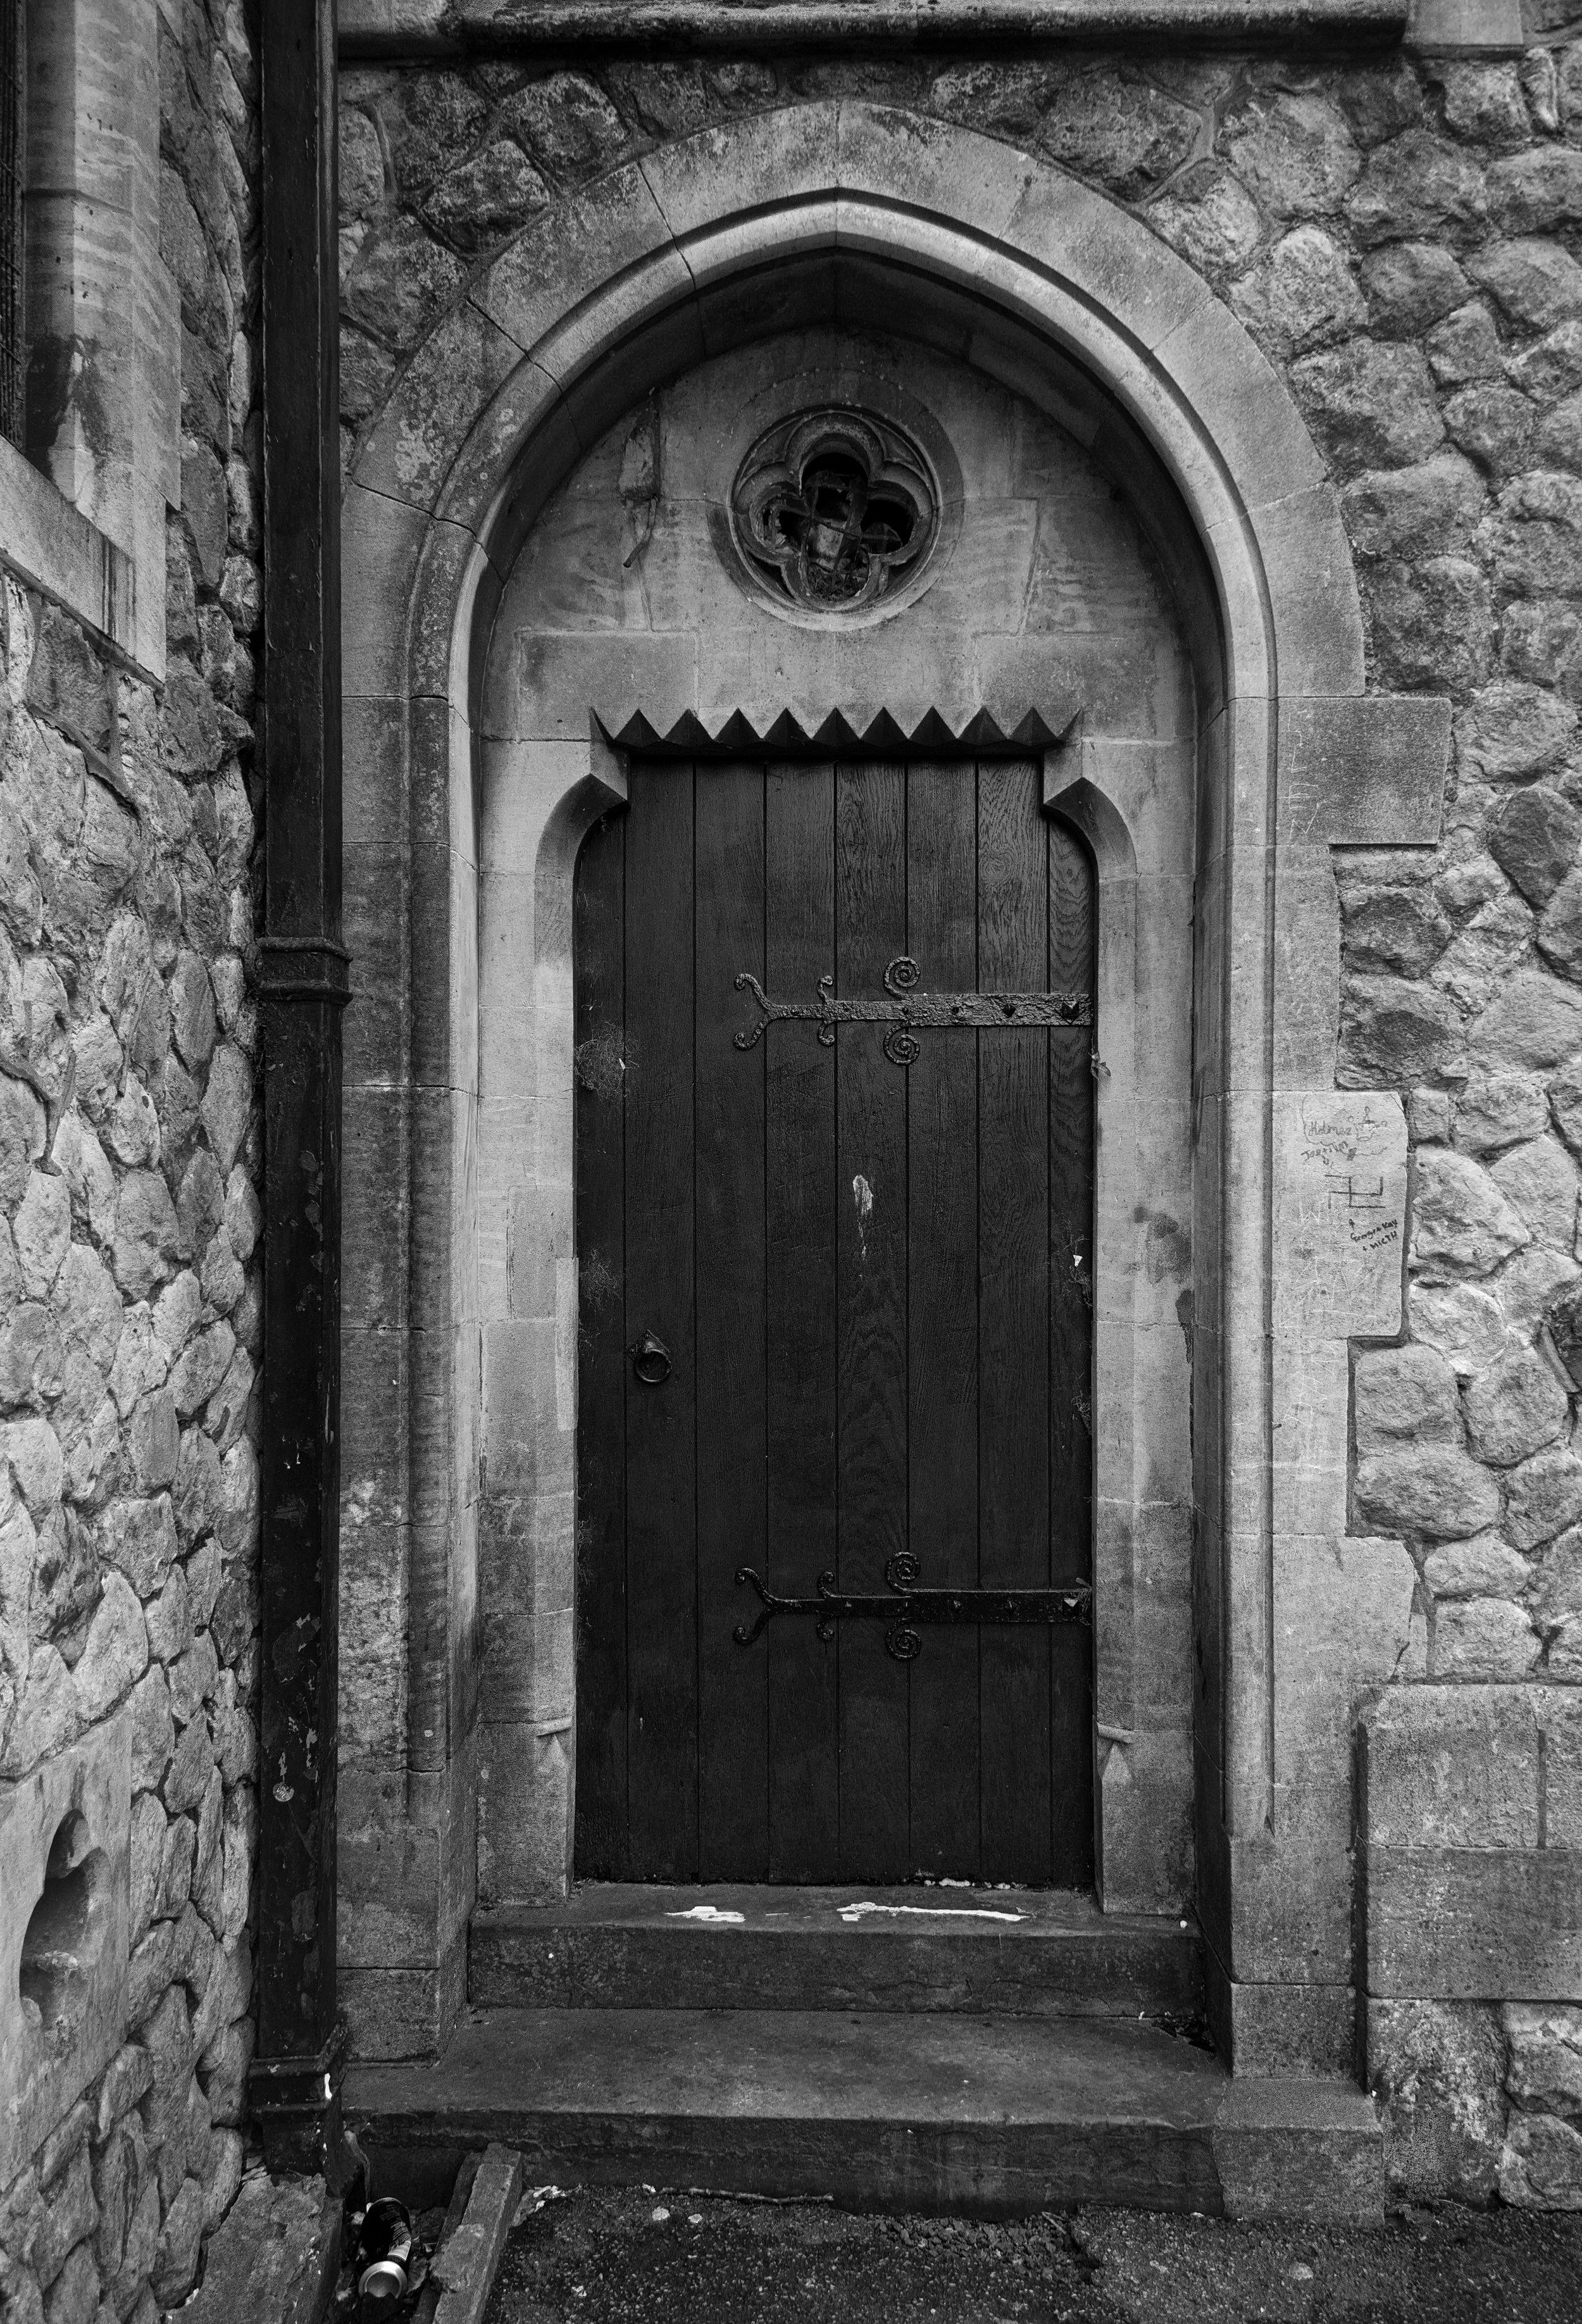 door-to-st-peter--st-pauls-church-dover_42548722780_o.jpg